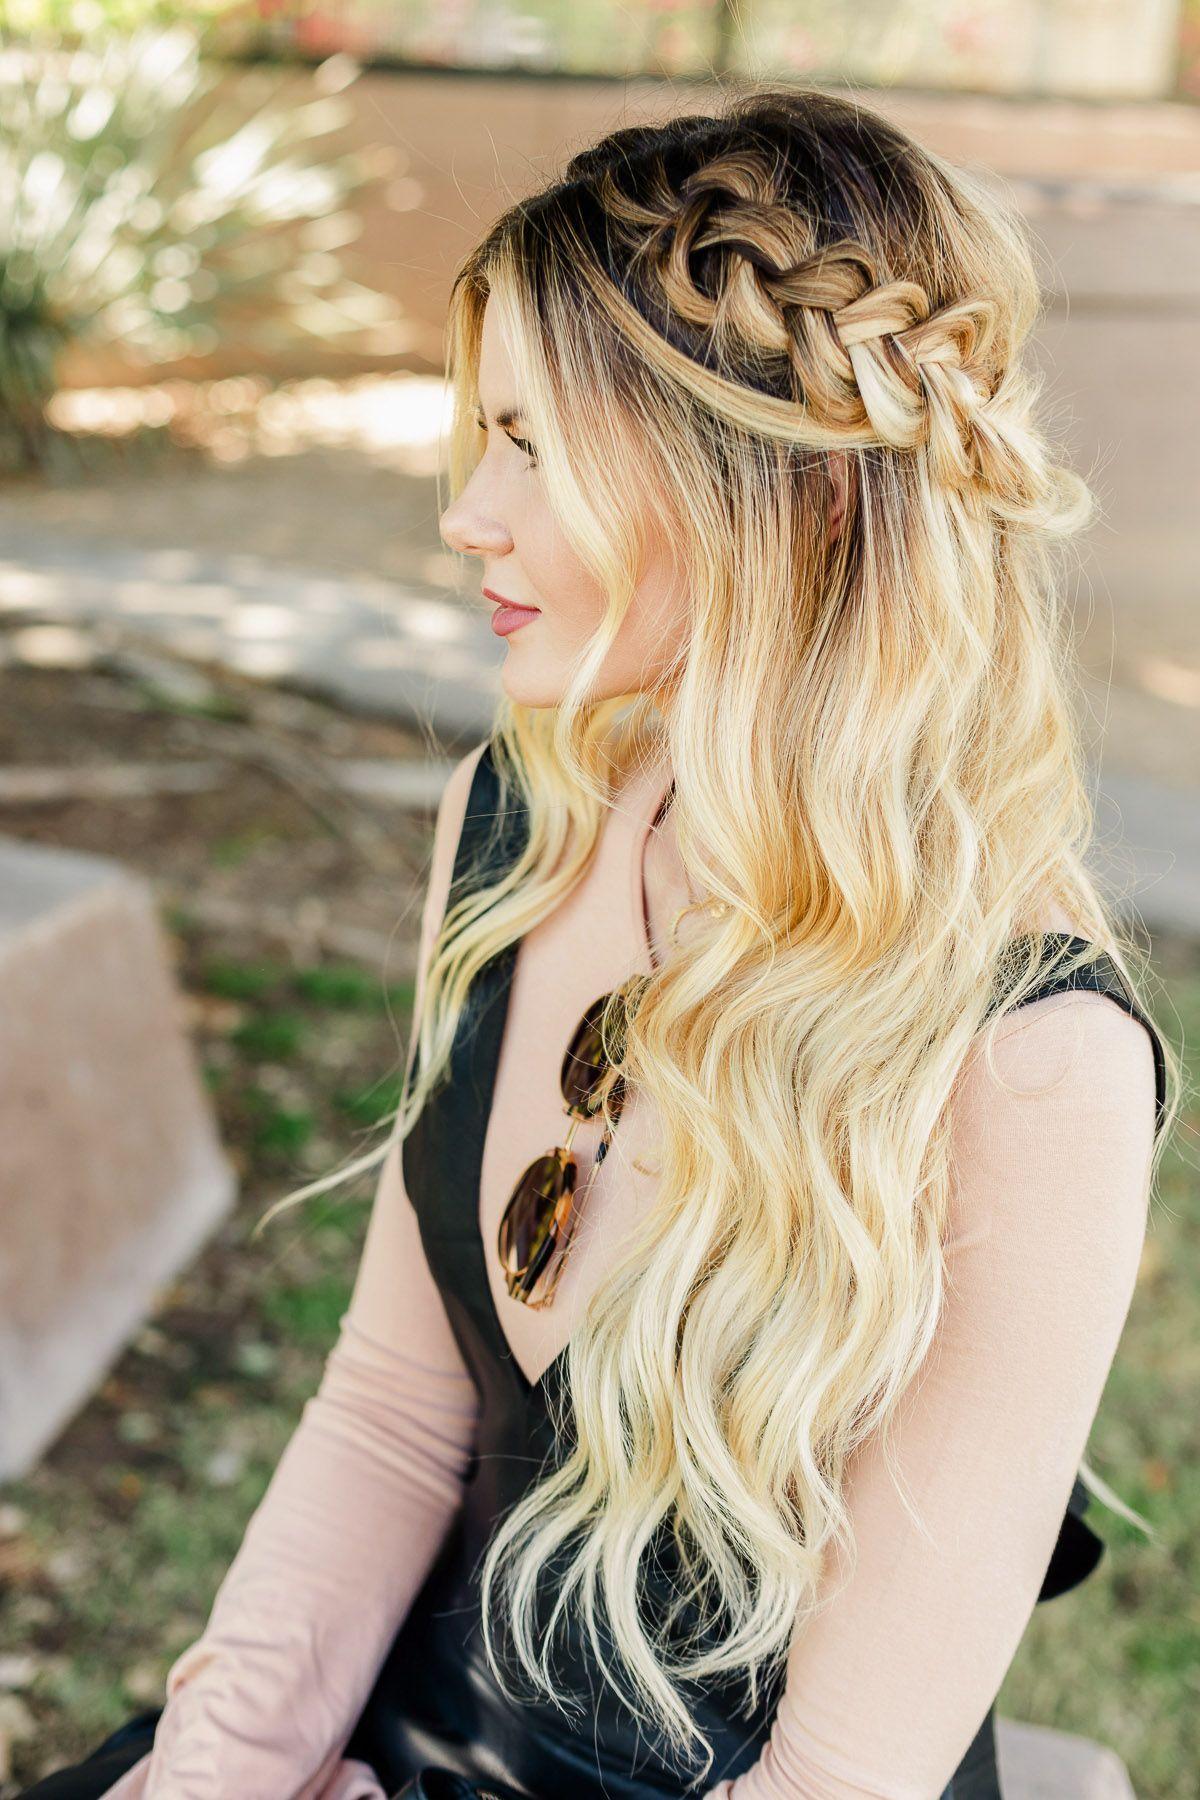 Hochzeit Frisuren für lange blonde Haare - Neu haar Frisuren 12